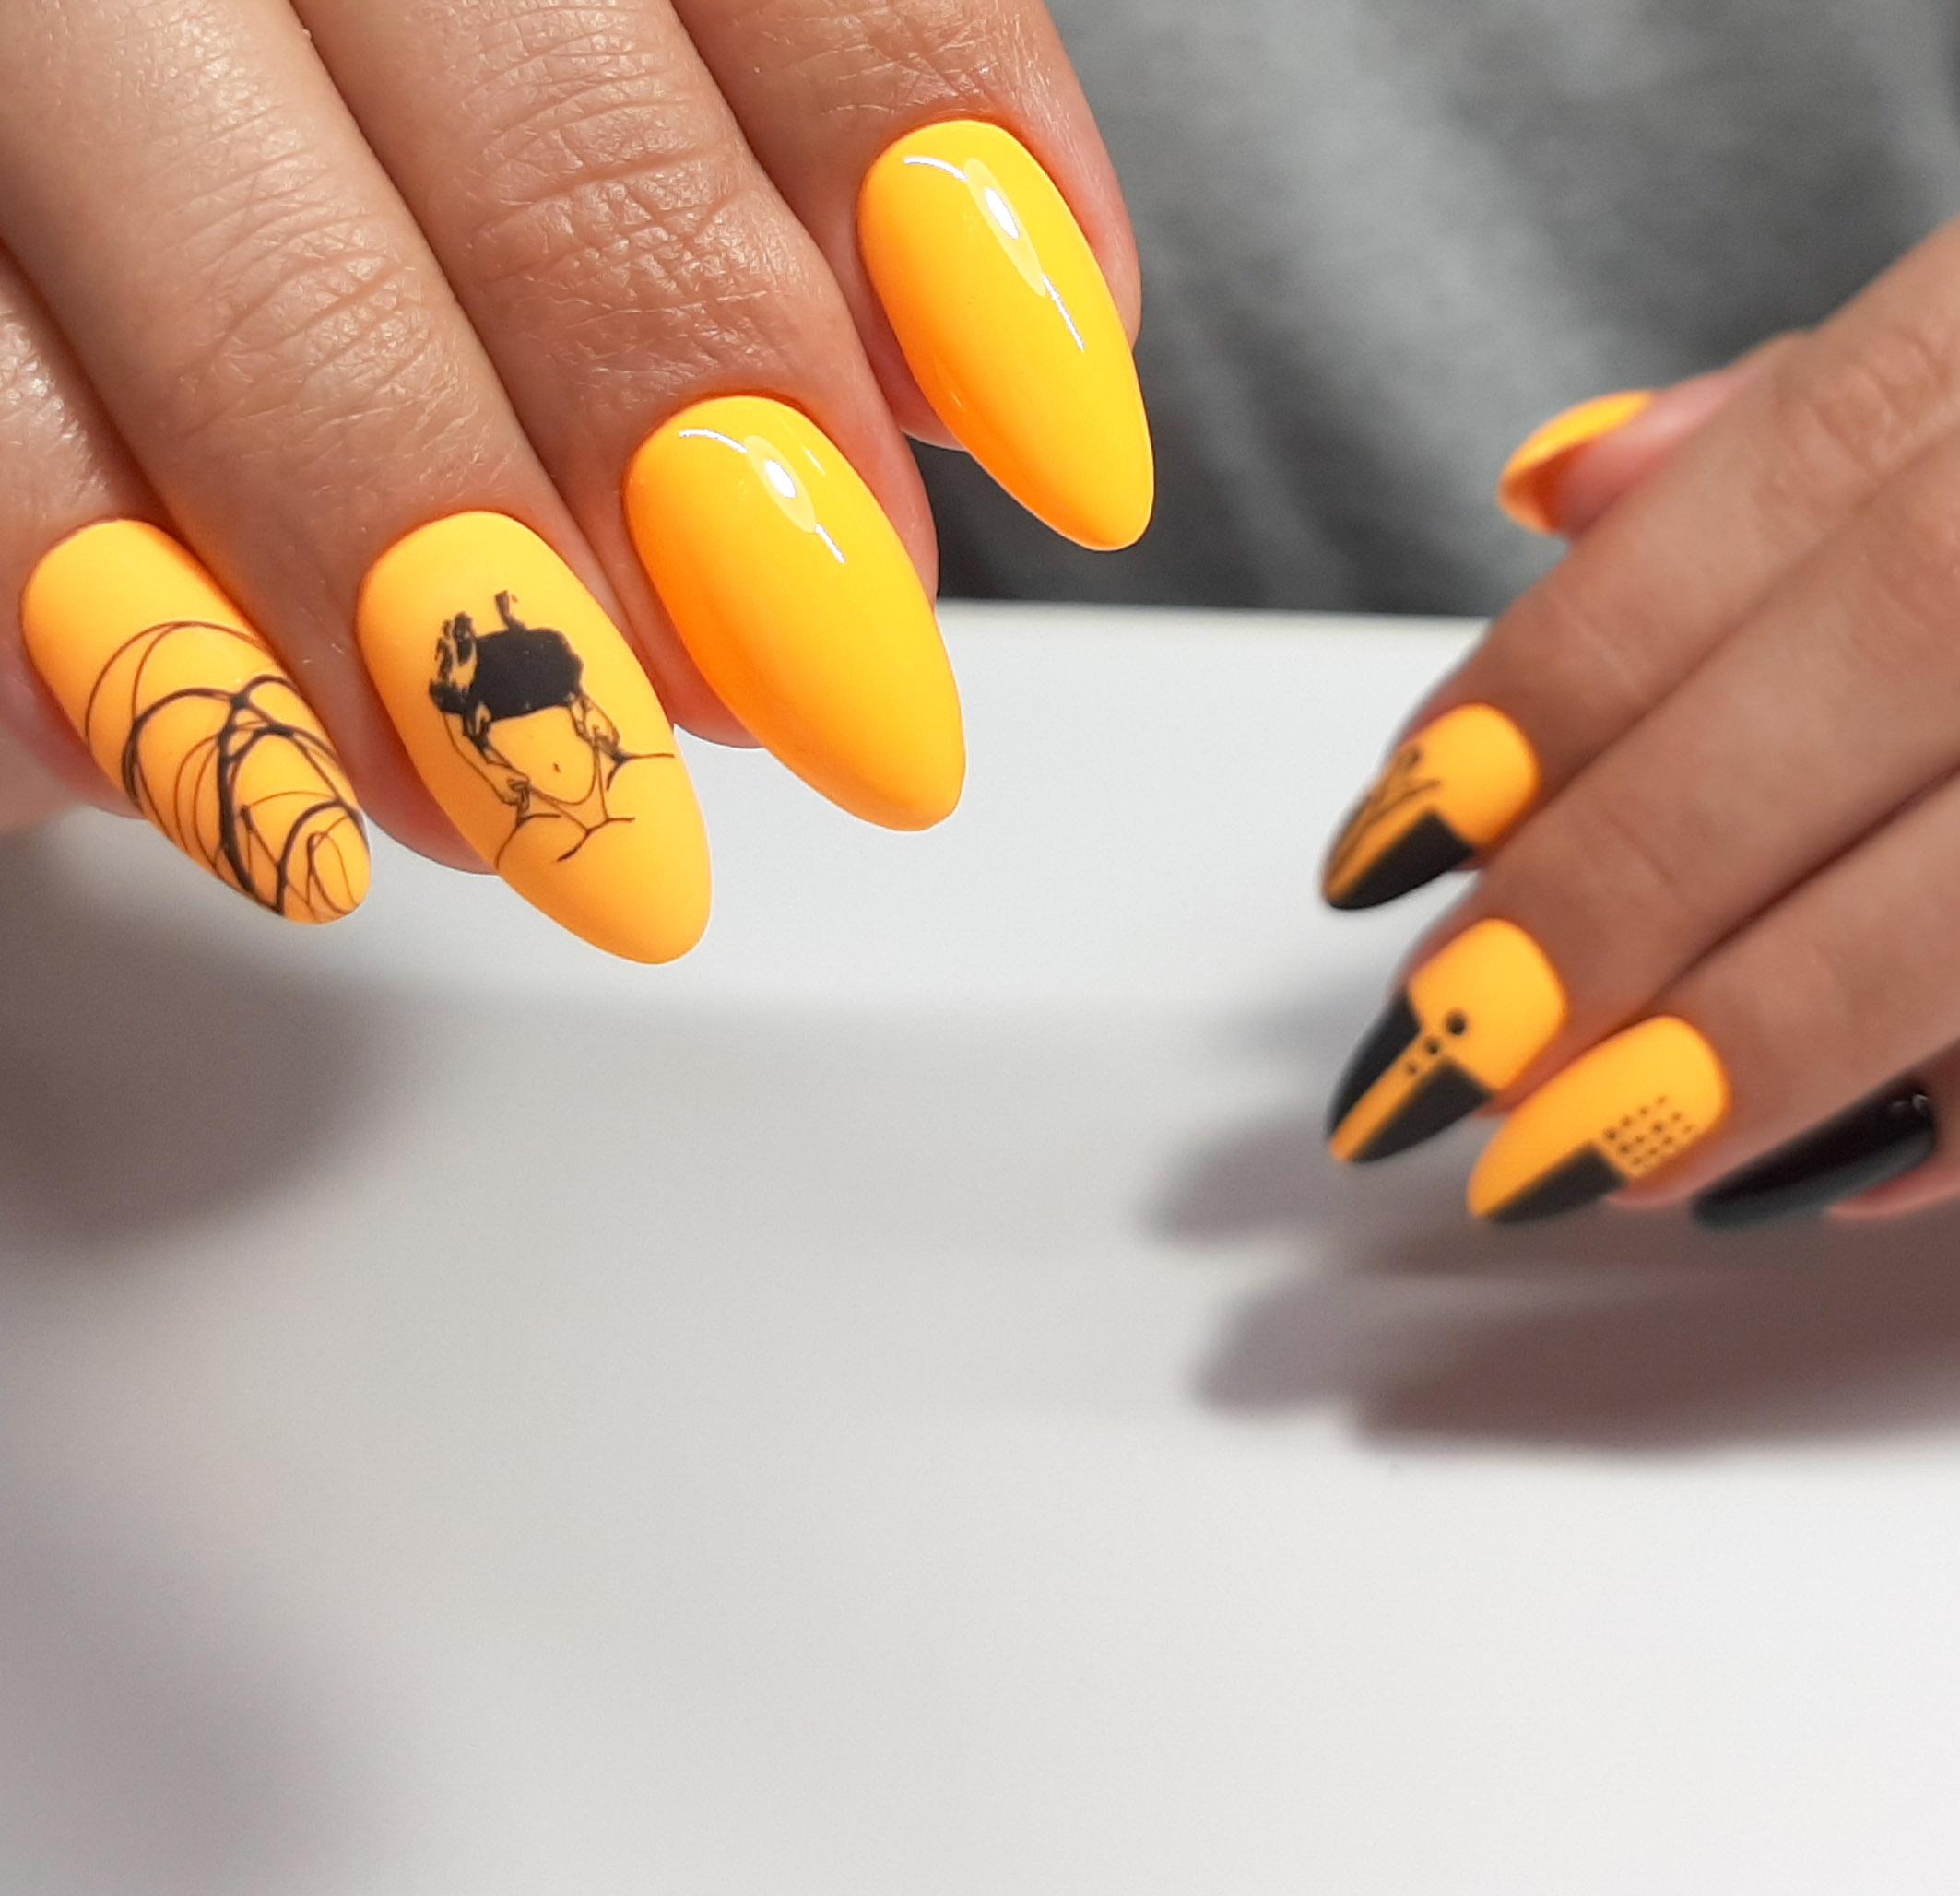 Геометрический маникюр со слайдерами и паутинкой в оранжевом цвете.